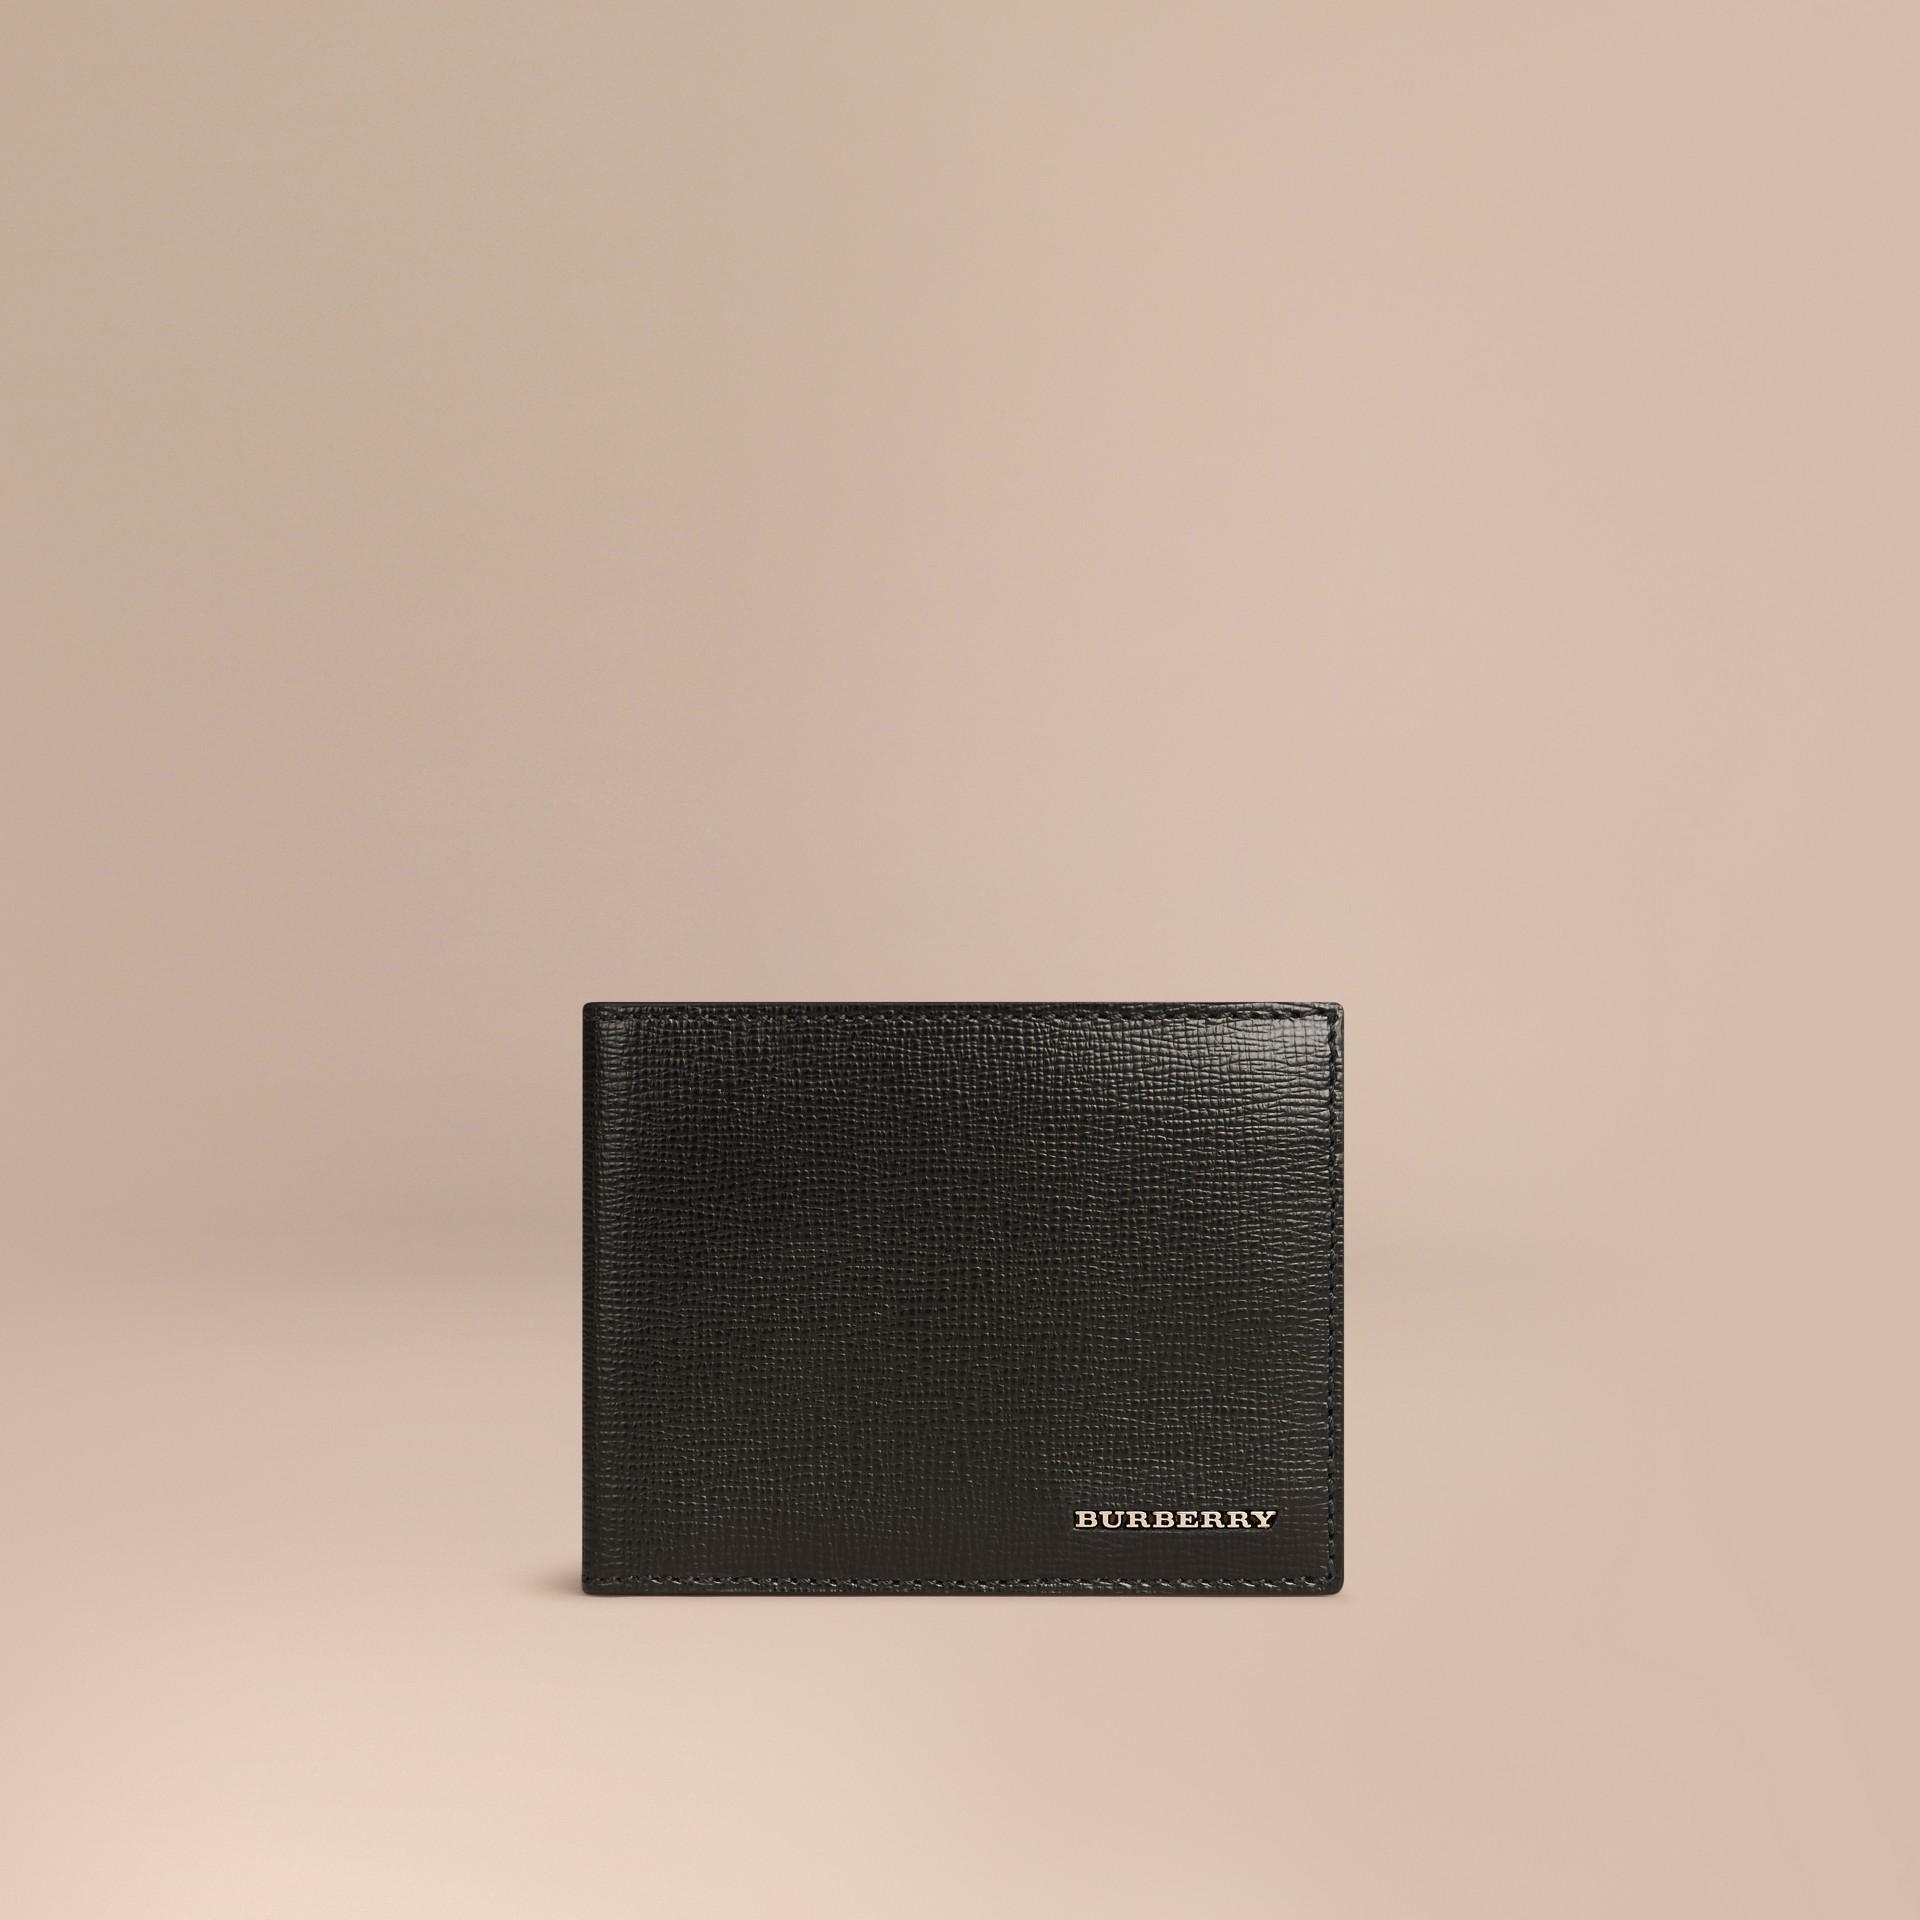 Schwarz Faltbrieftasche aus London-Leder Schwarz - Galerie-Bild 1